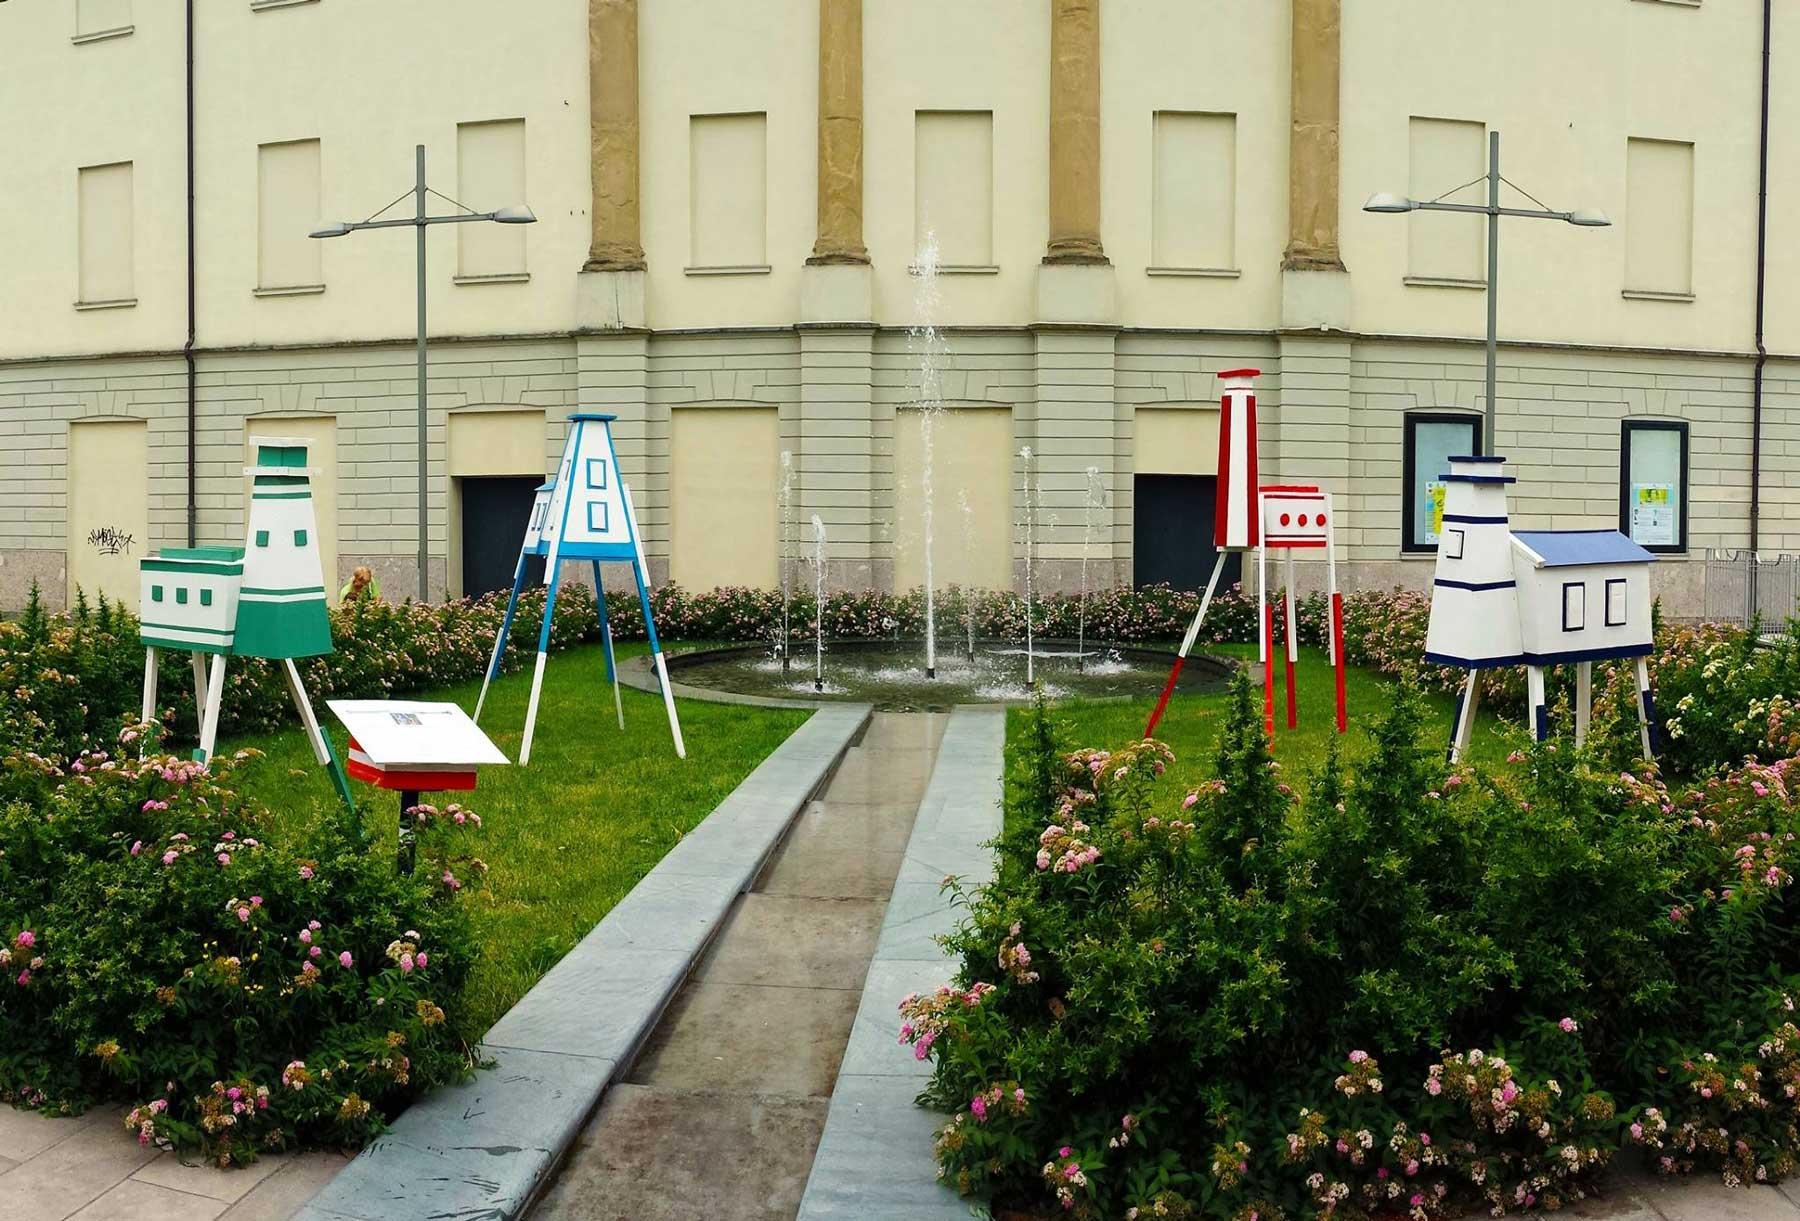 giardino con opere artistiche